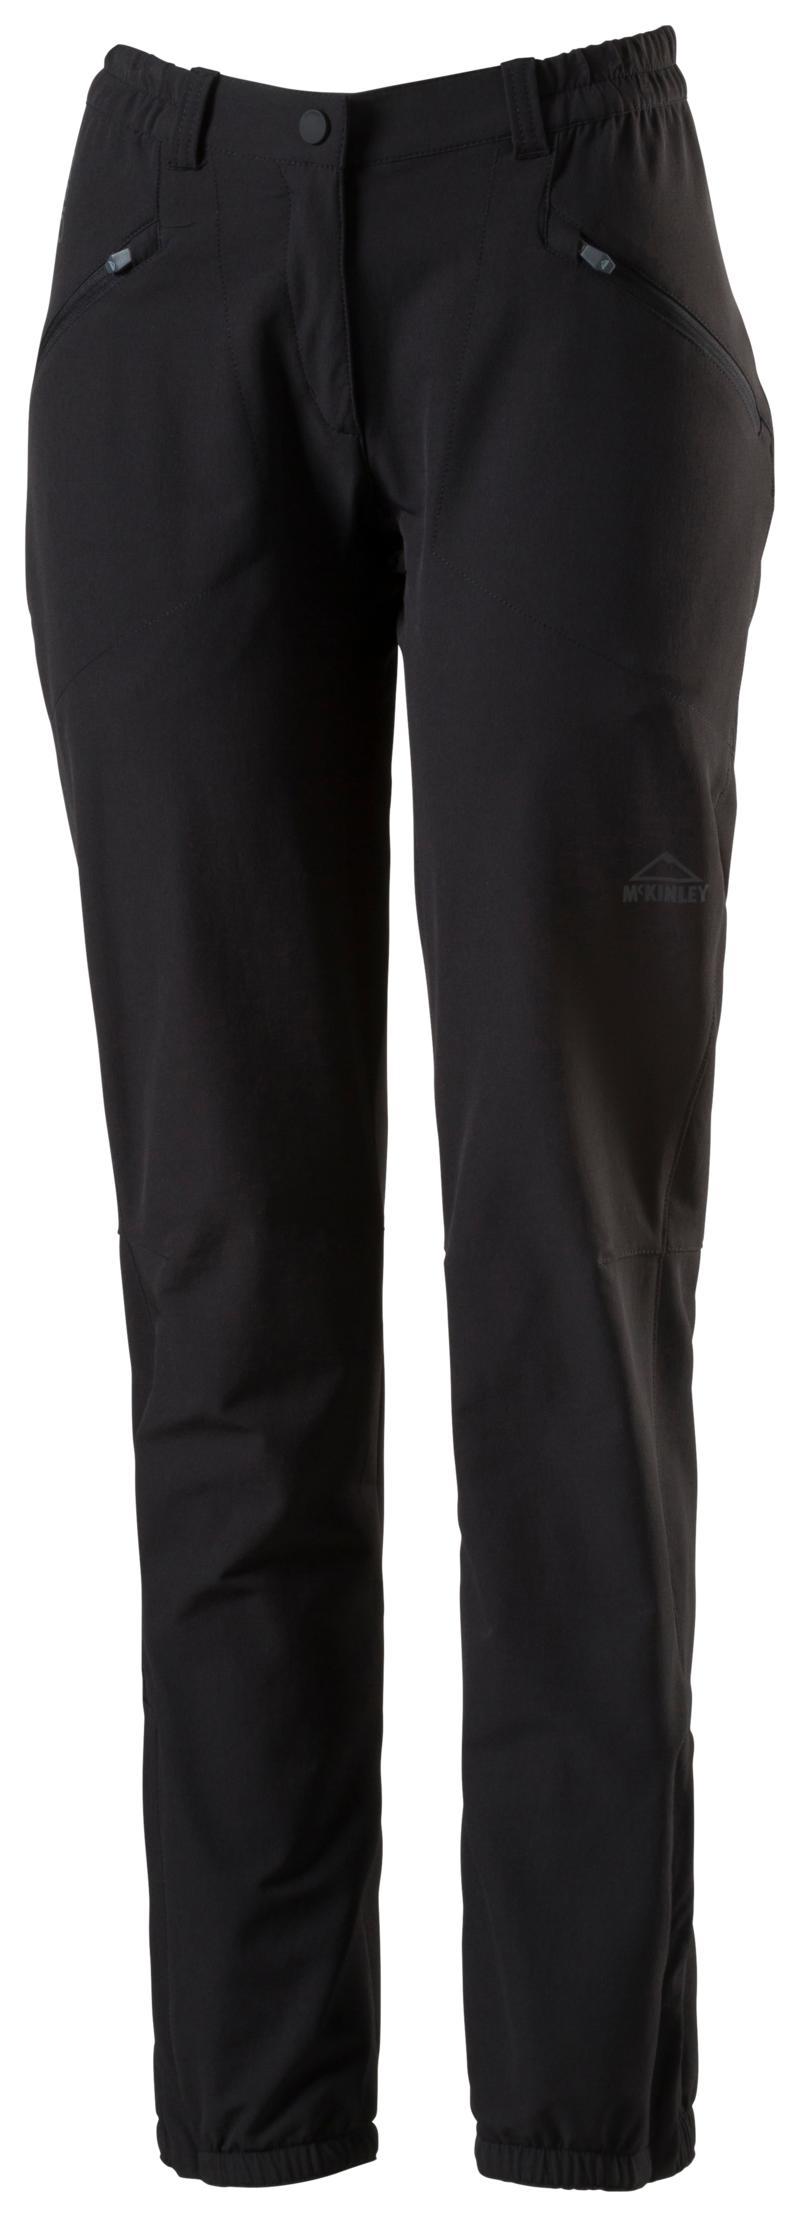 McKinley BEIRA III WMS, ženske pohodne hlače, črna